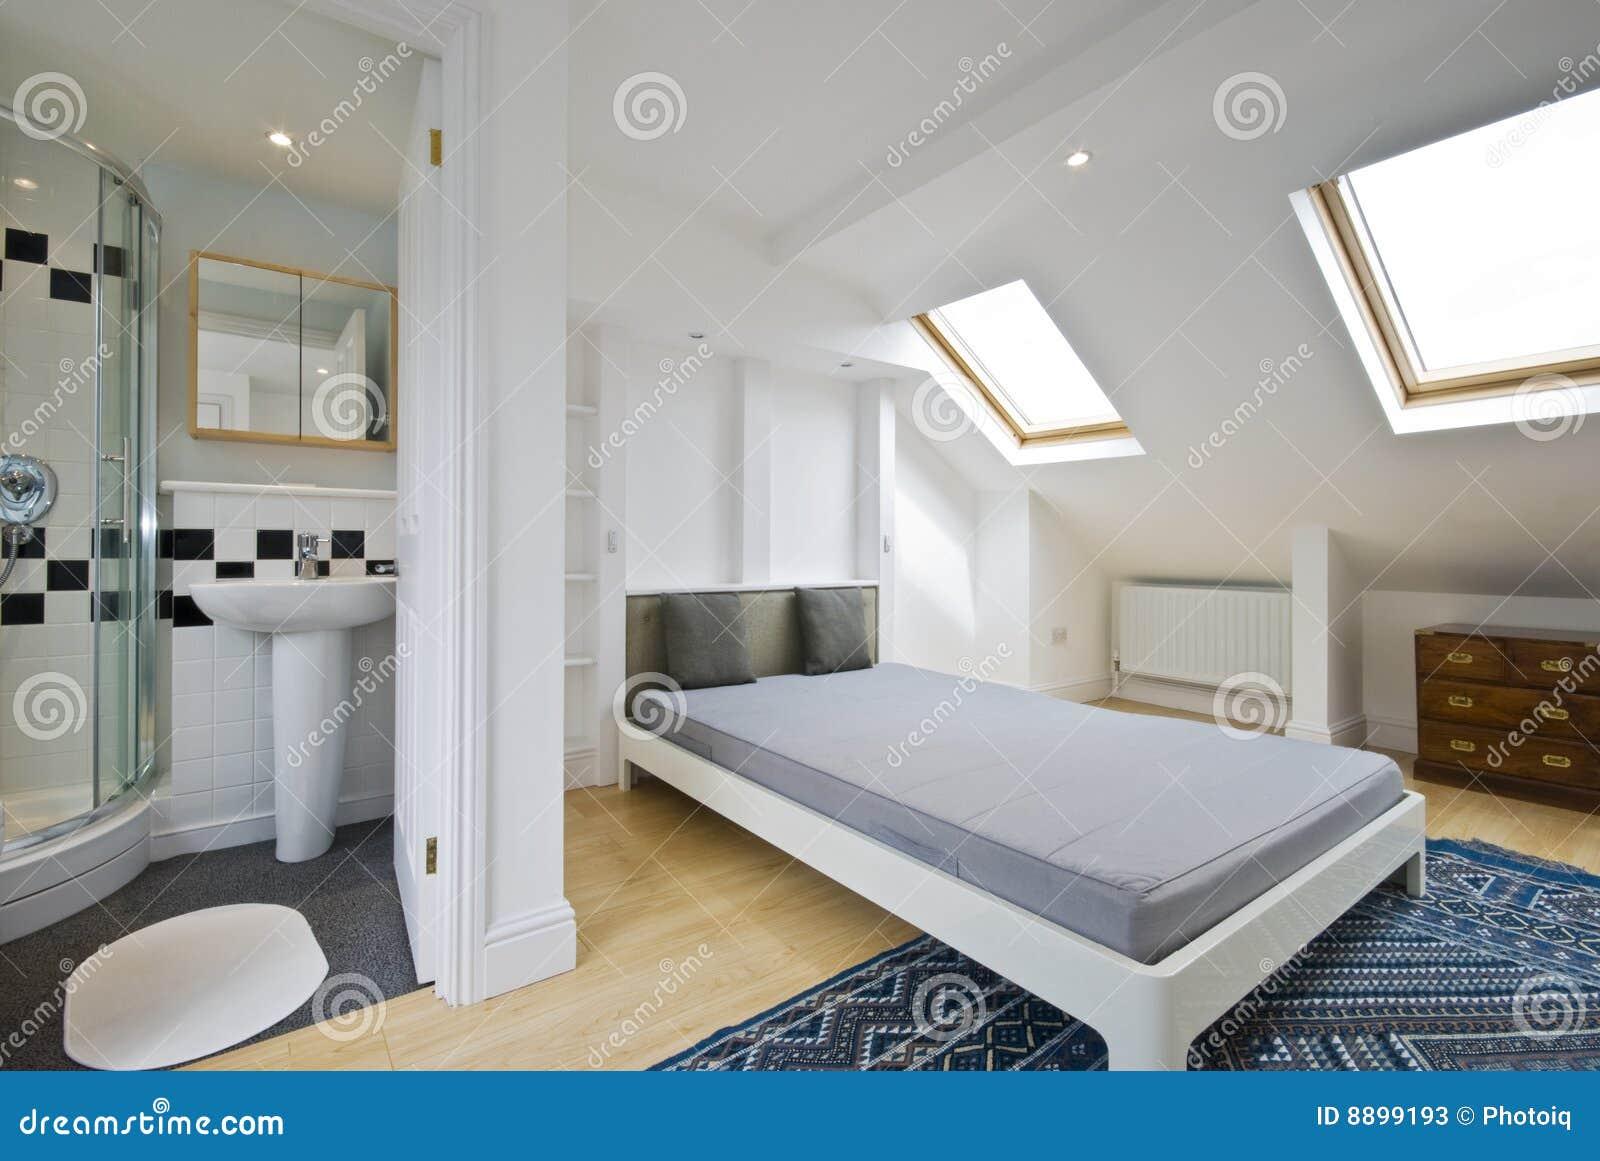 Suite d 39 en de chambre coucher de salle de bains photos Chambre a coucher avec salle de bain